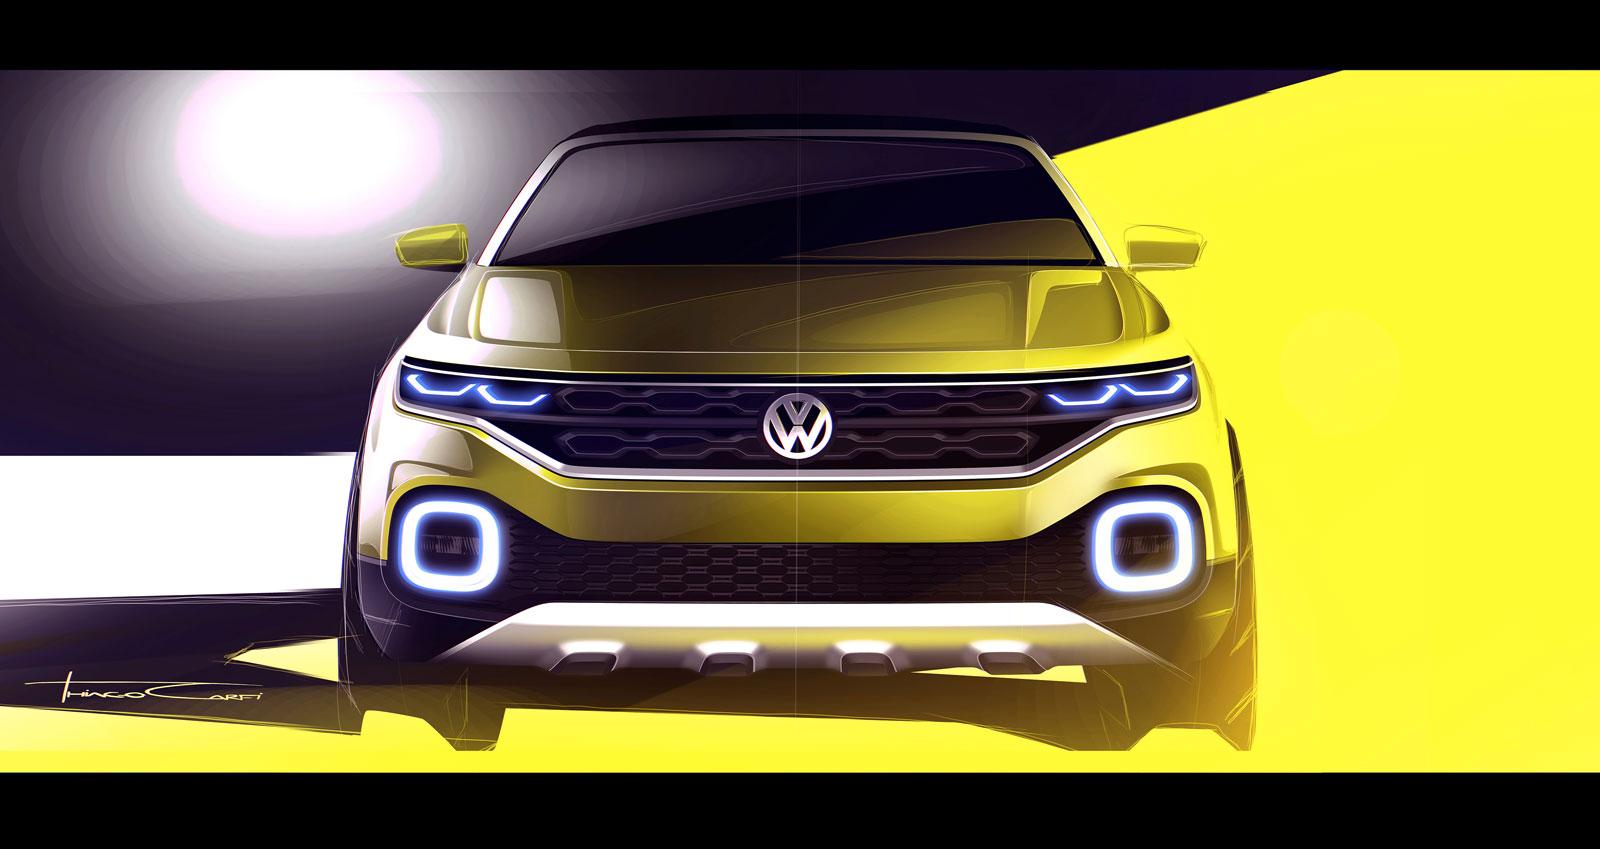 Volkswagen-T-Cross-Breeze-Concept-Design-Sketch-Render-03.jpg